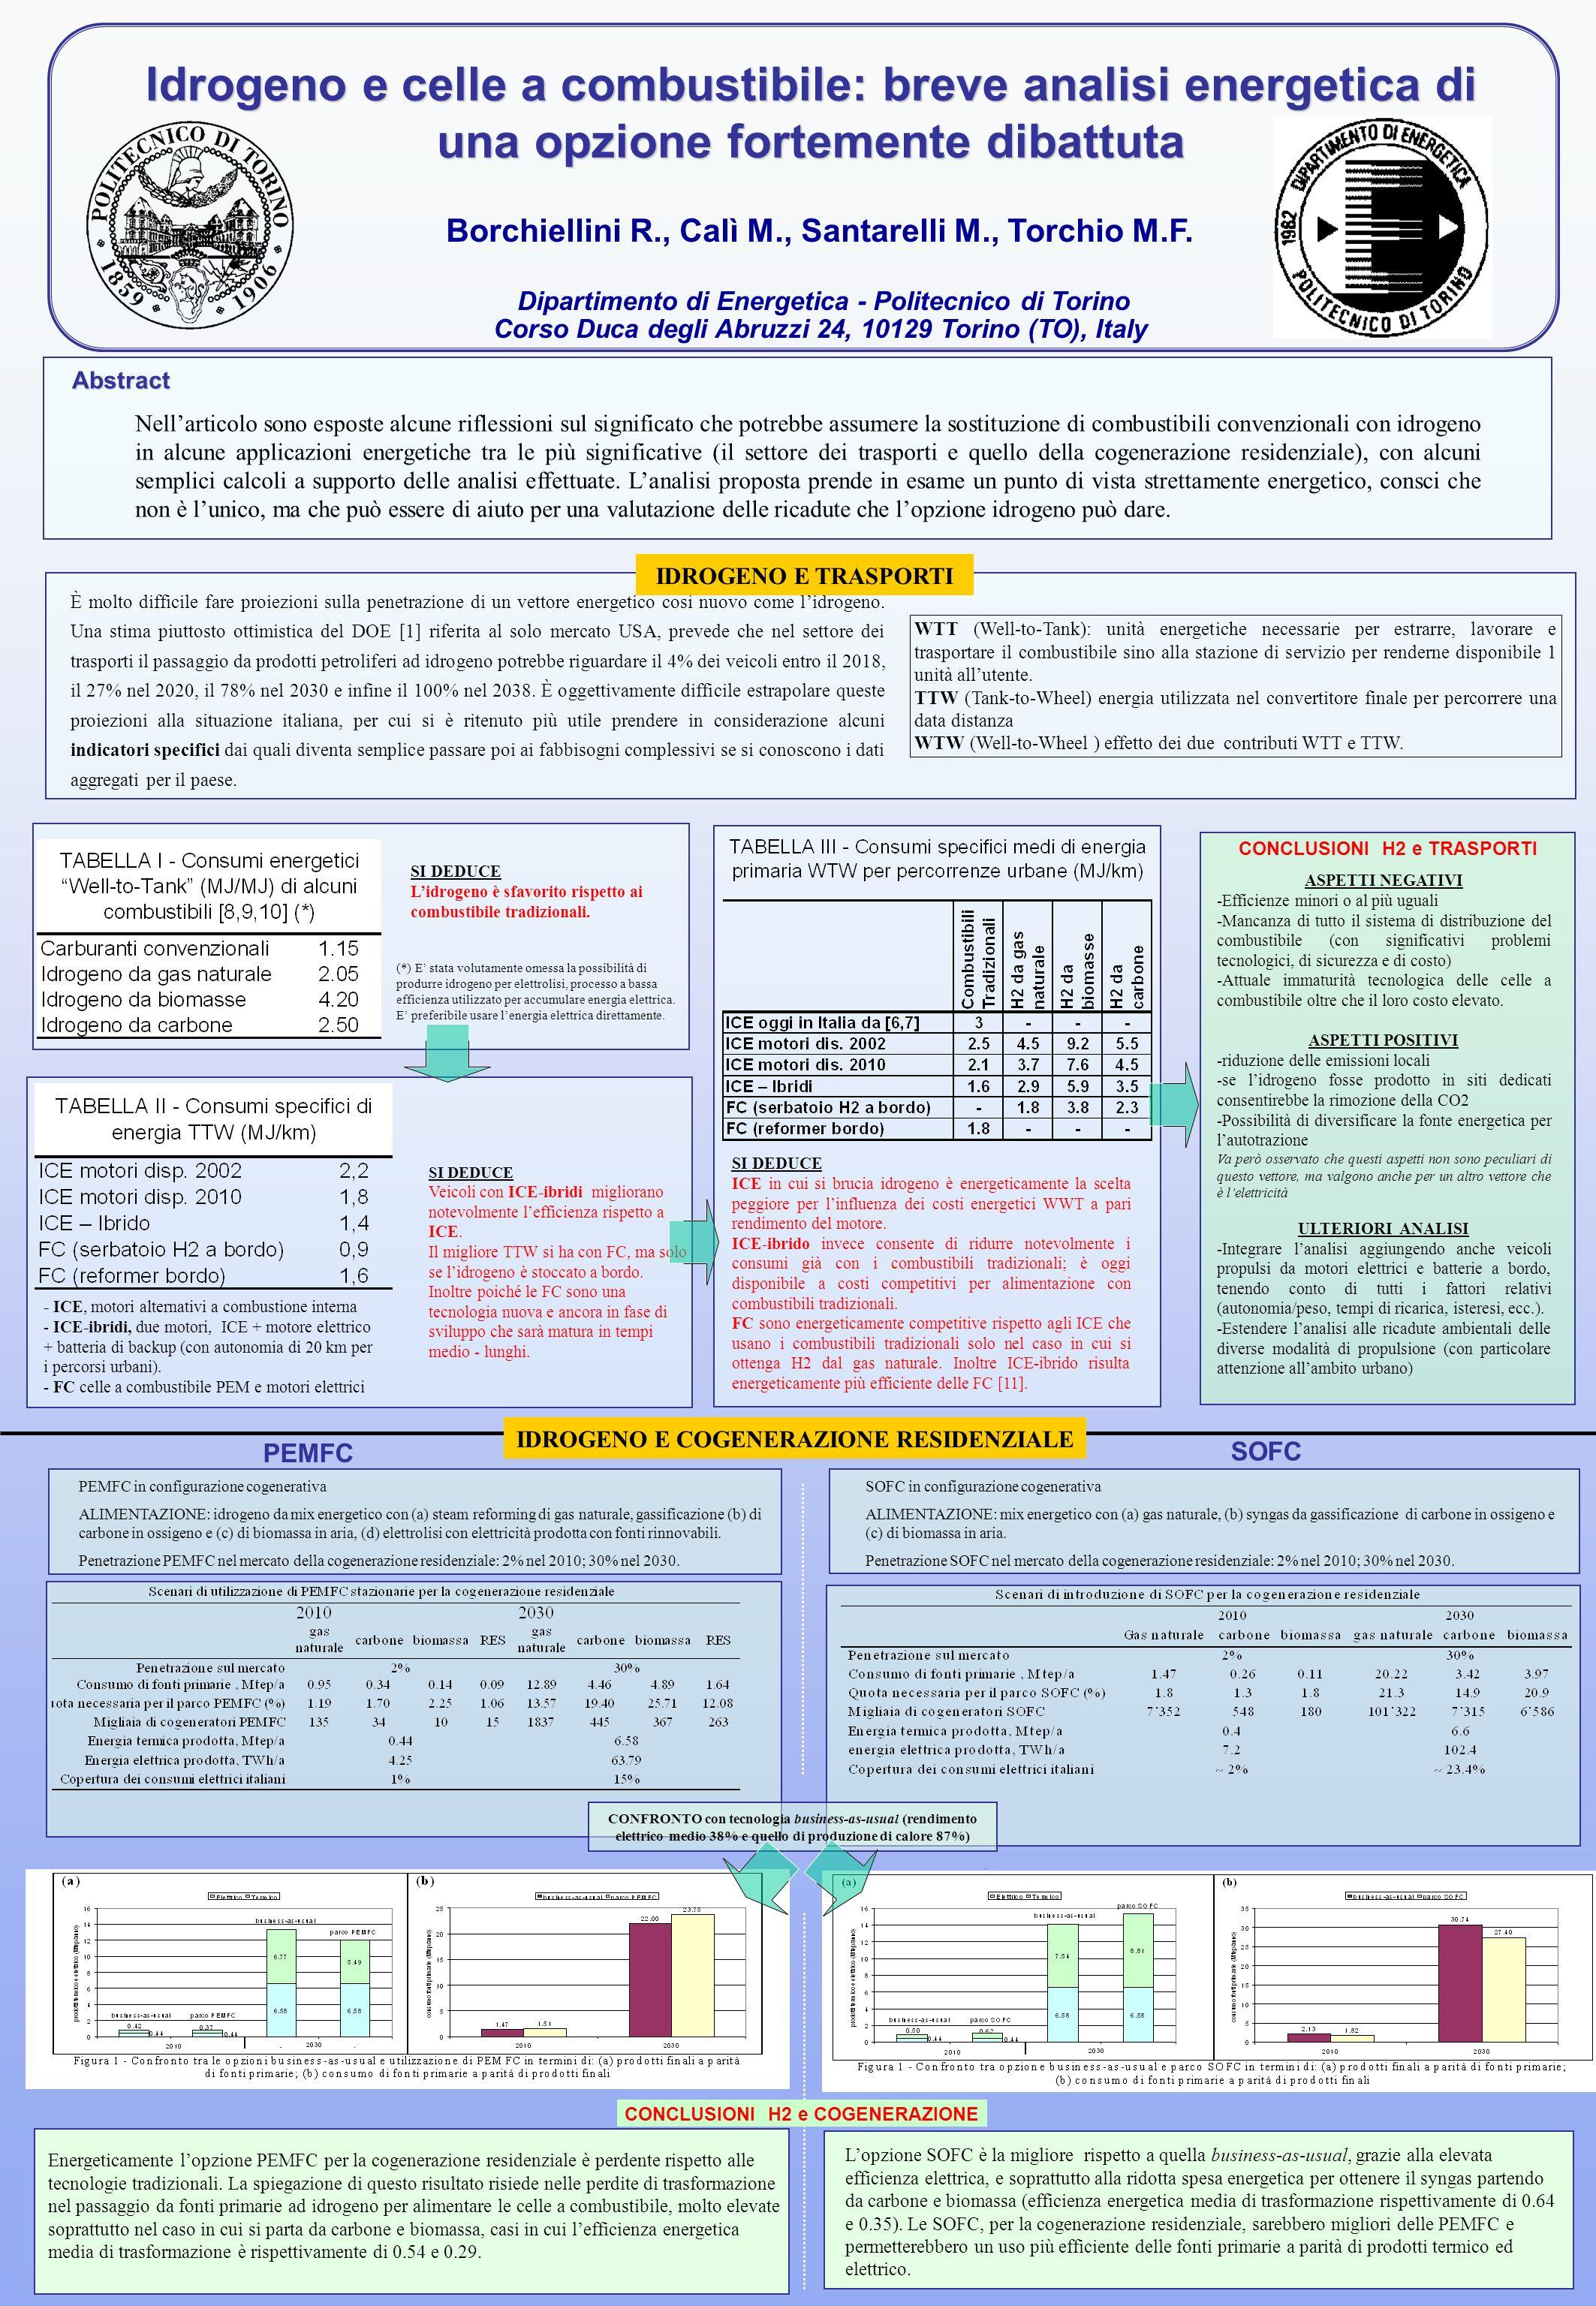 Idrogeno e celle a combustibile: breve analisi energetica di una opzione fortemente dibattuta